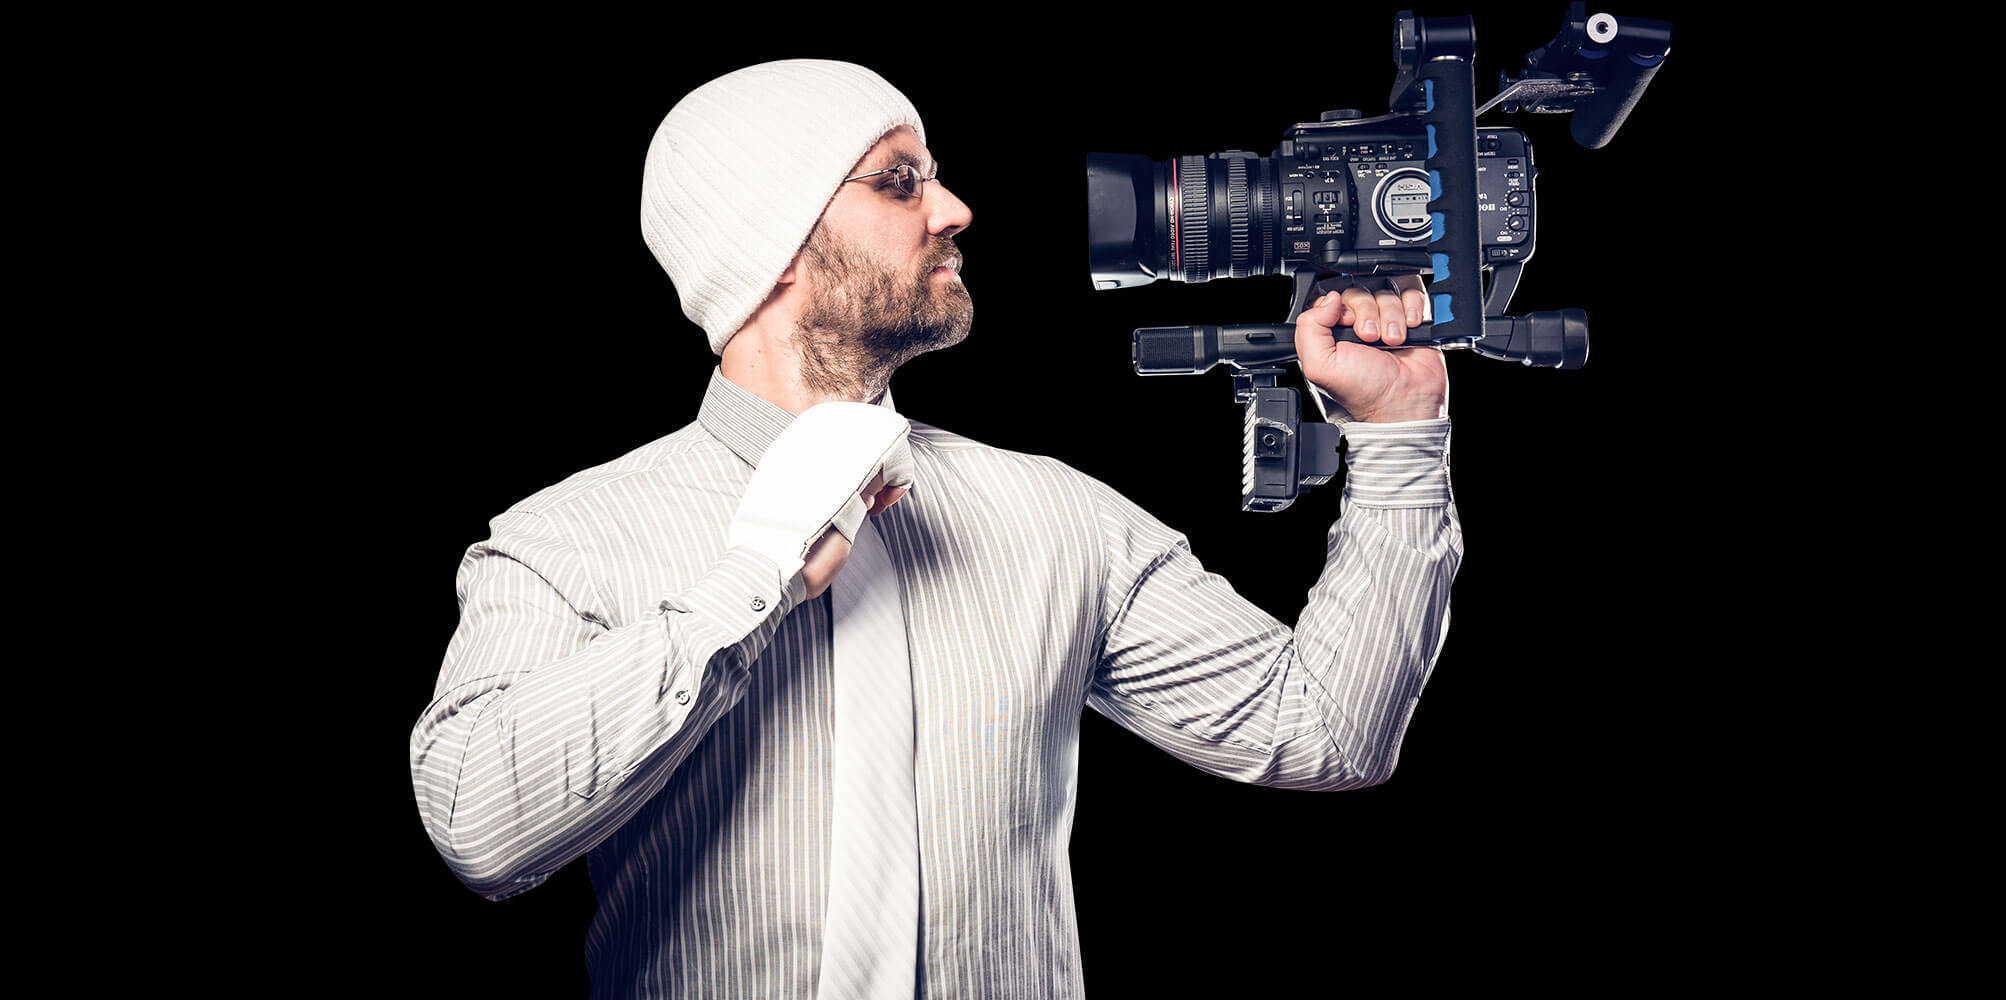 Matthias Gottwald trägt eine weiße Mütze und filmt sich selbst mit einer Videokamera